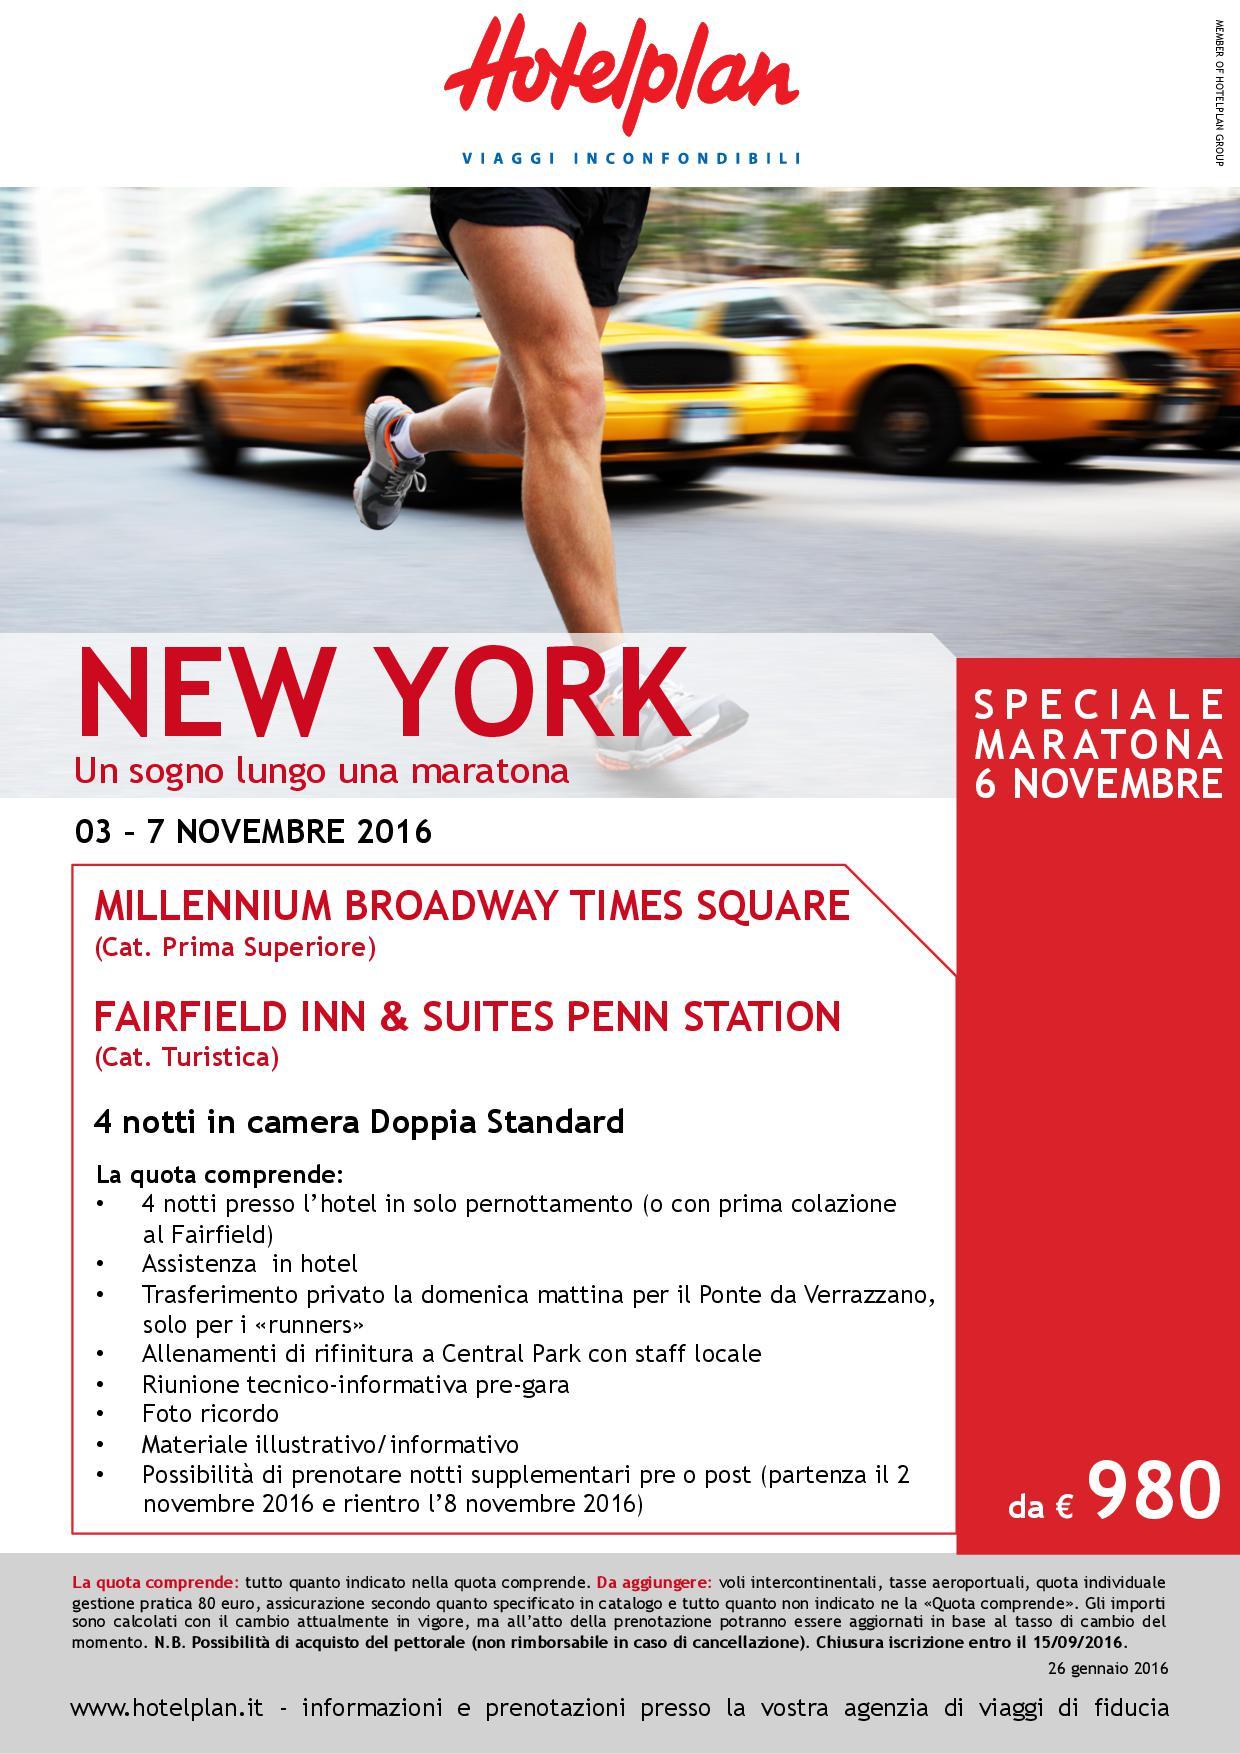 Maratona a new york 2016 agenzia di viaggi business travel for Pacchetti volo e soggiorno new york